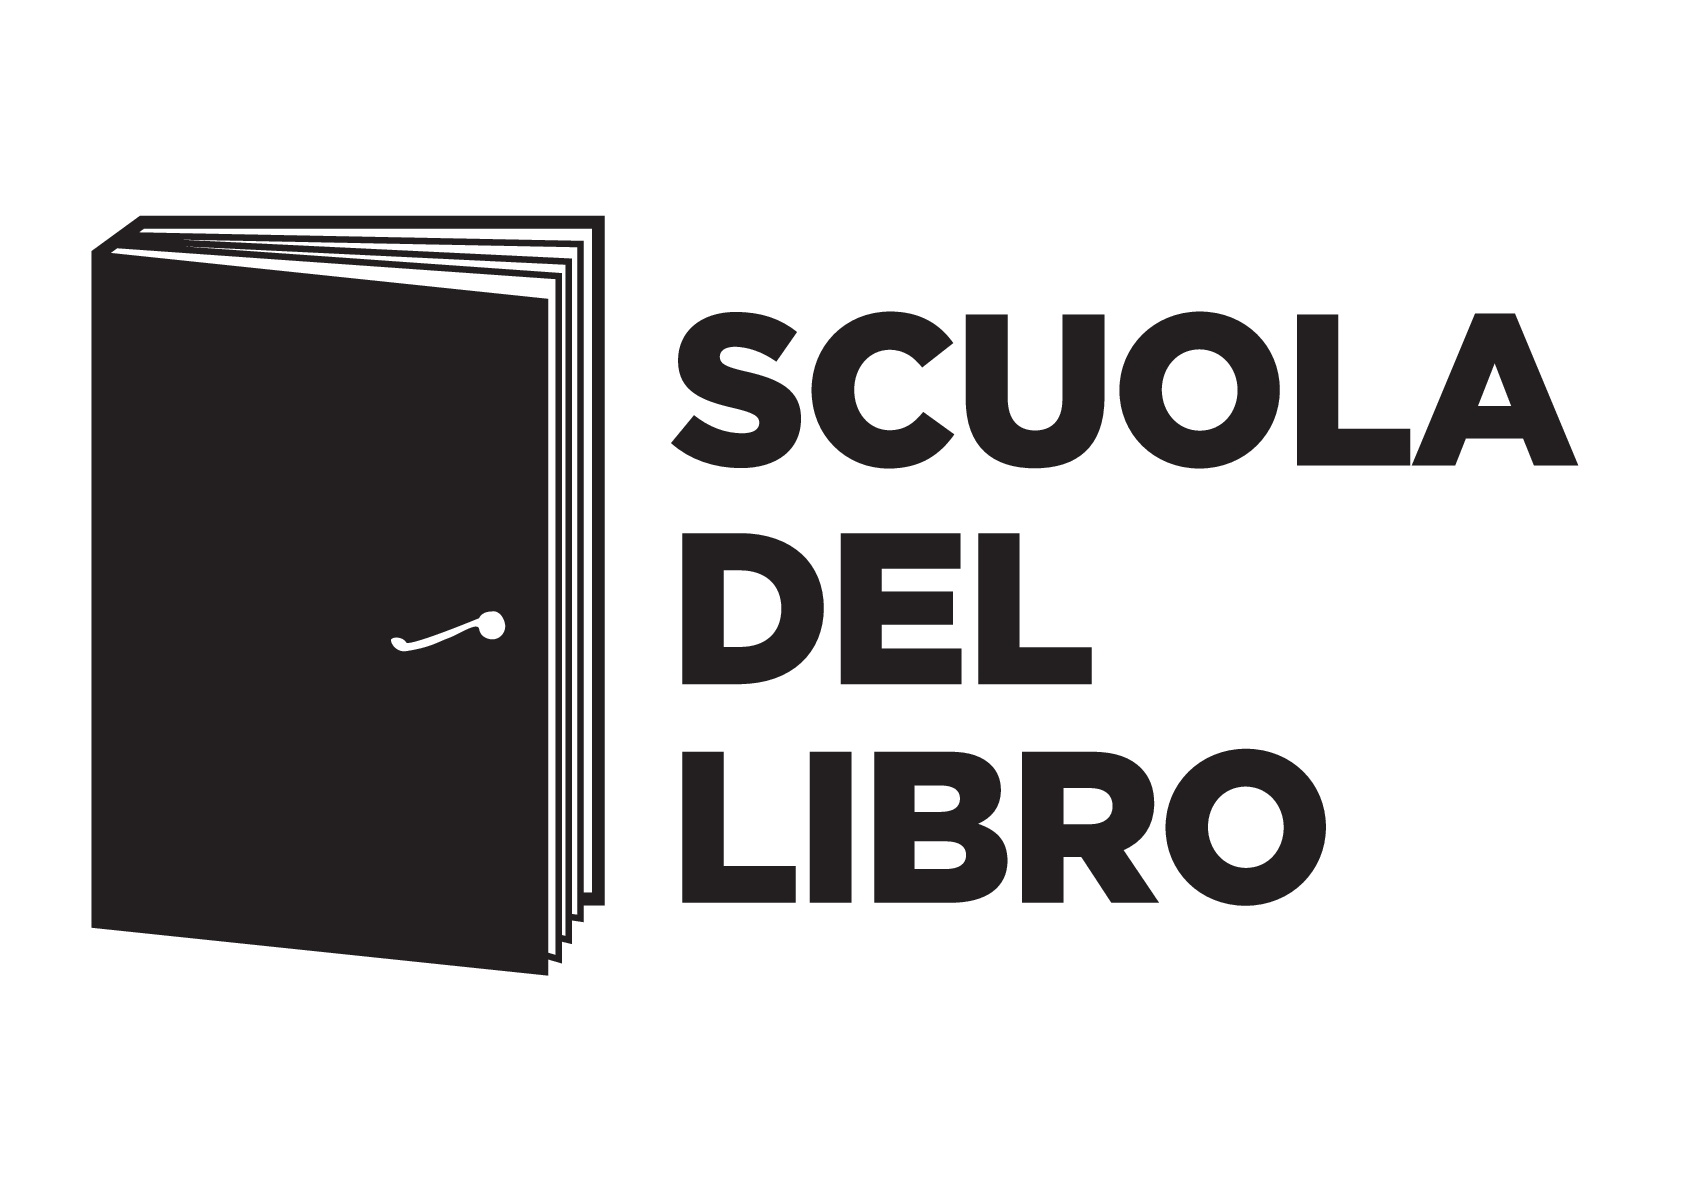 Scuola del libro